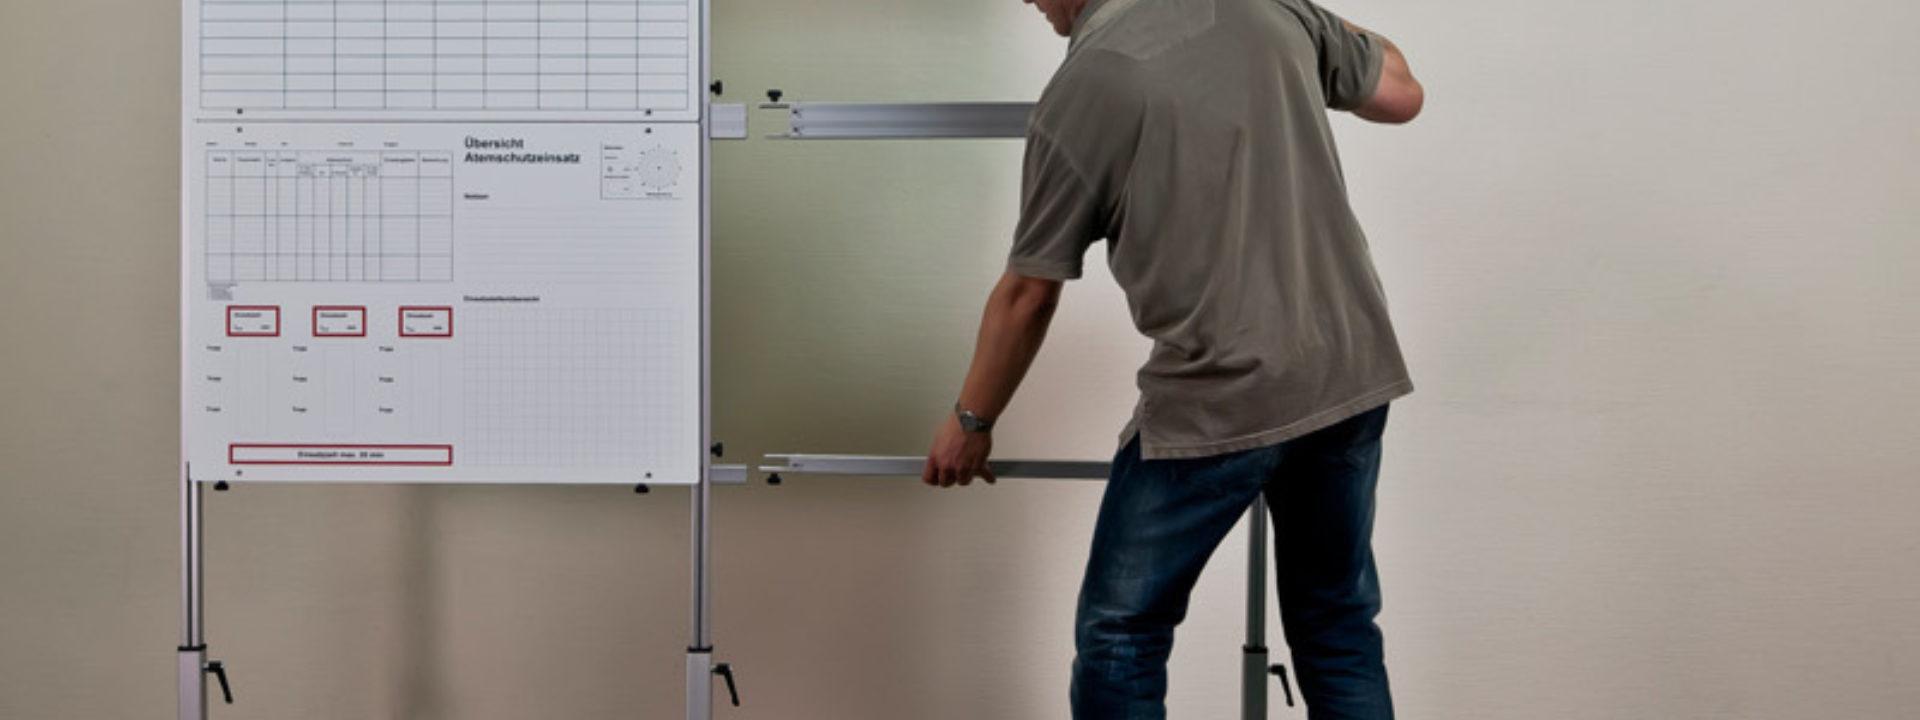 Tafelsatz Führung - Aufbau 9